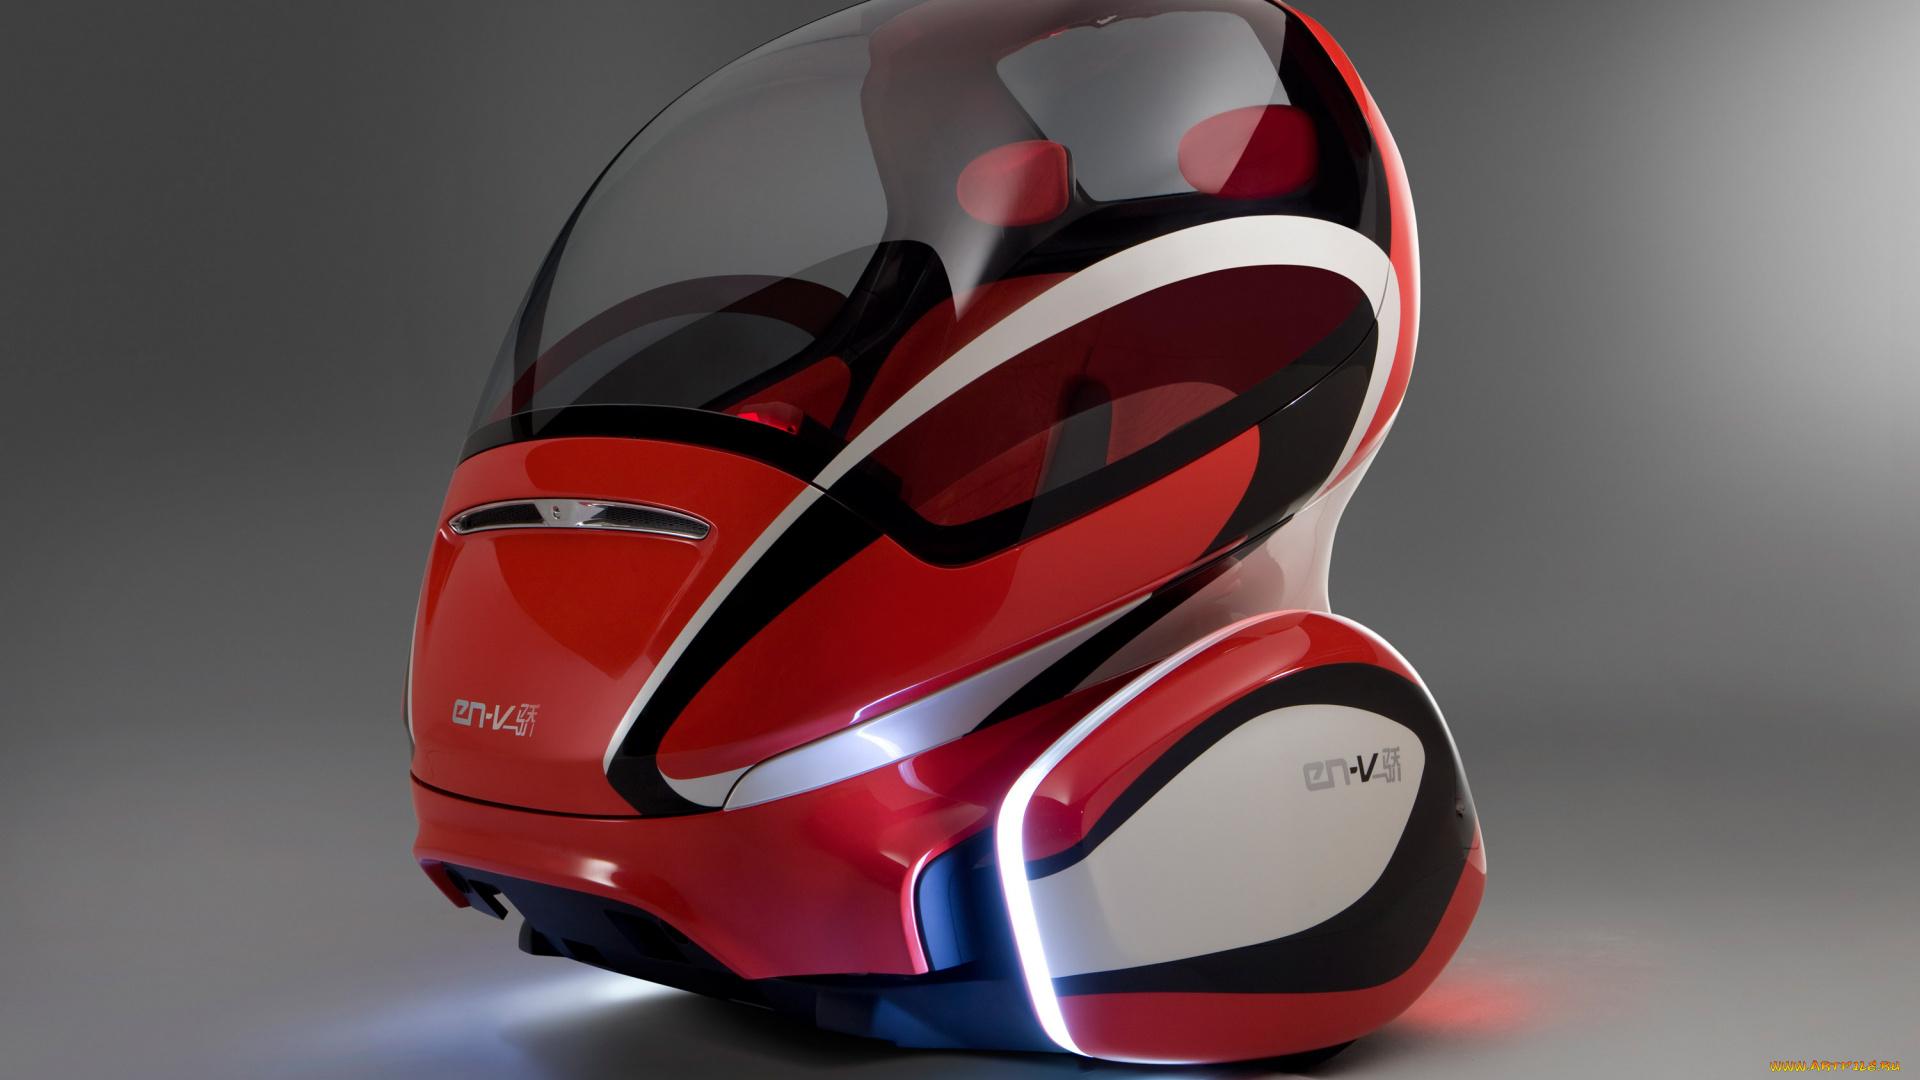 Быстро сделать, картинки на тему машины будущего